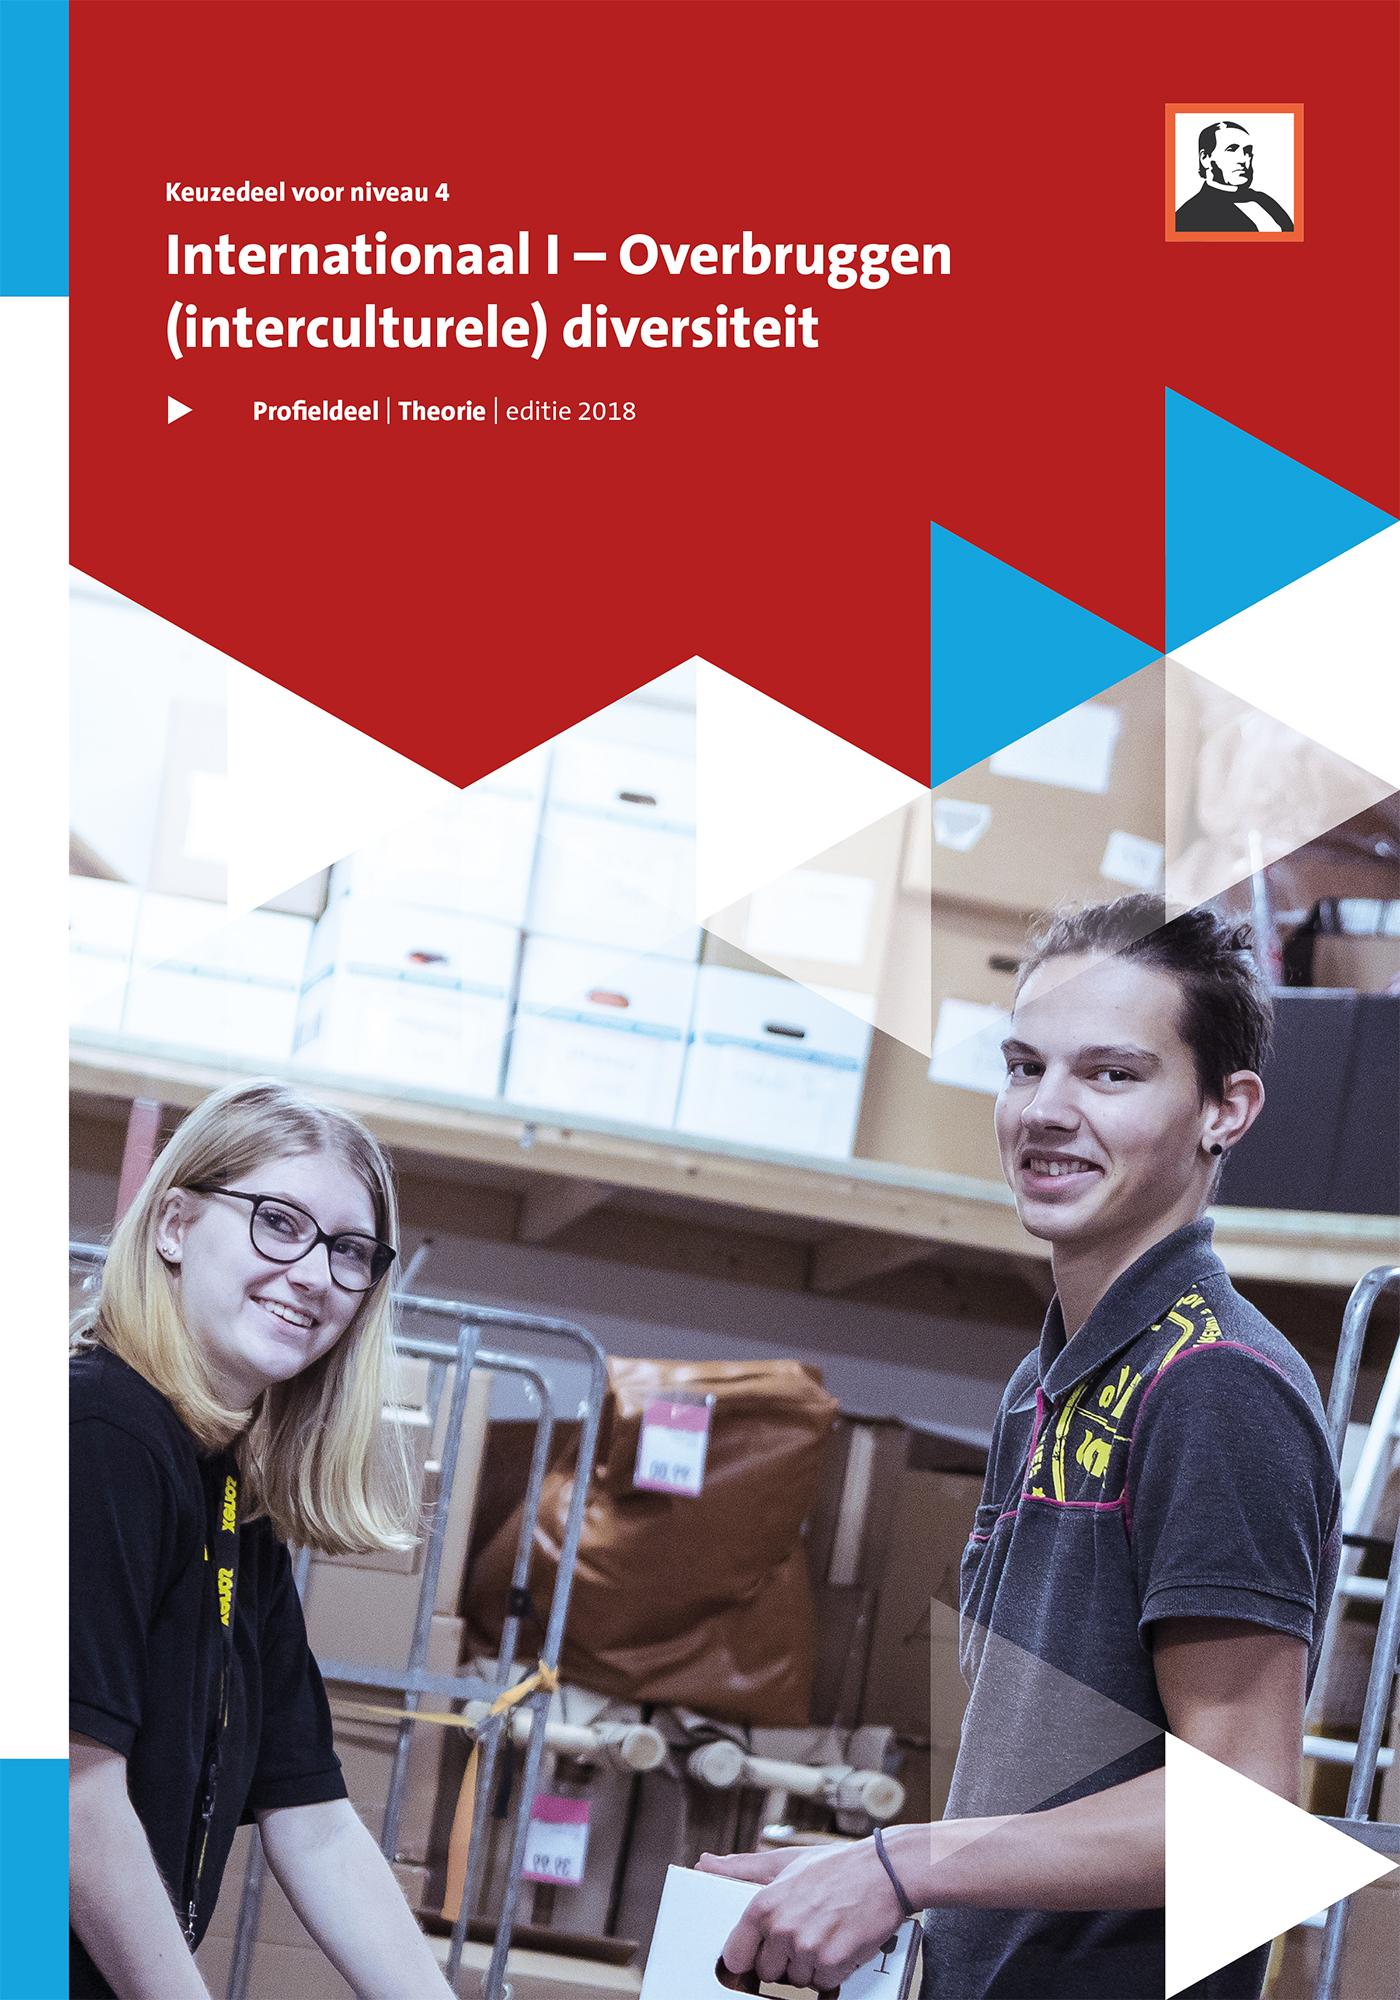 Afbeelding van Internationaal I: Overbruggen (interculturele) diversiteit (niveau 4) (A4)